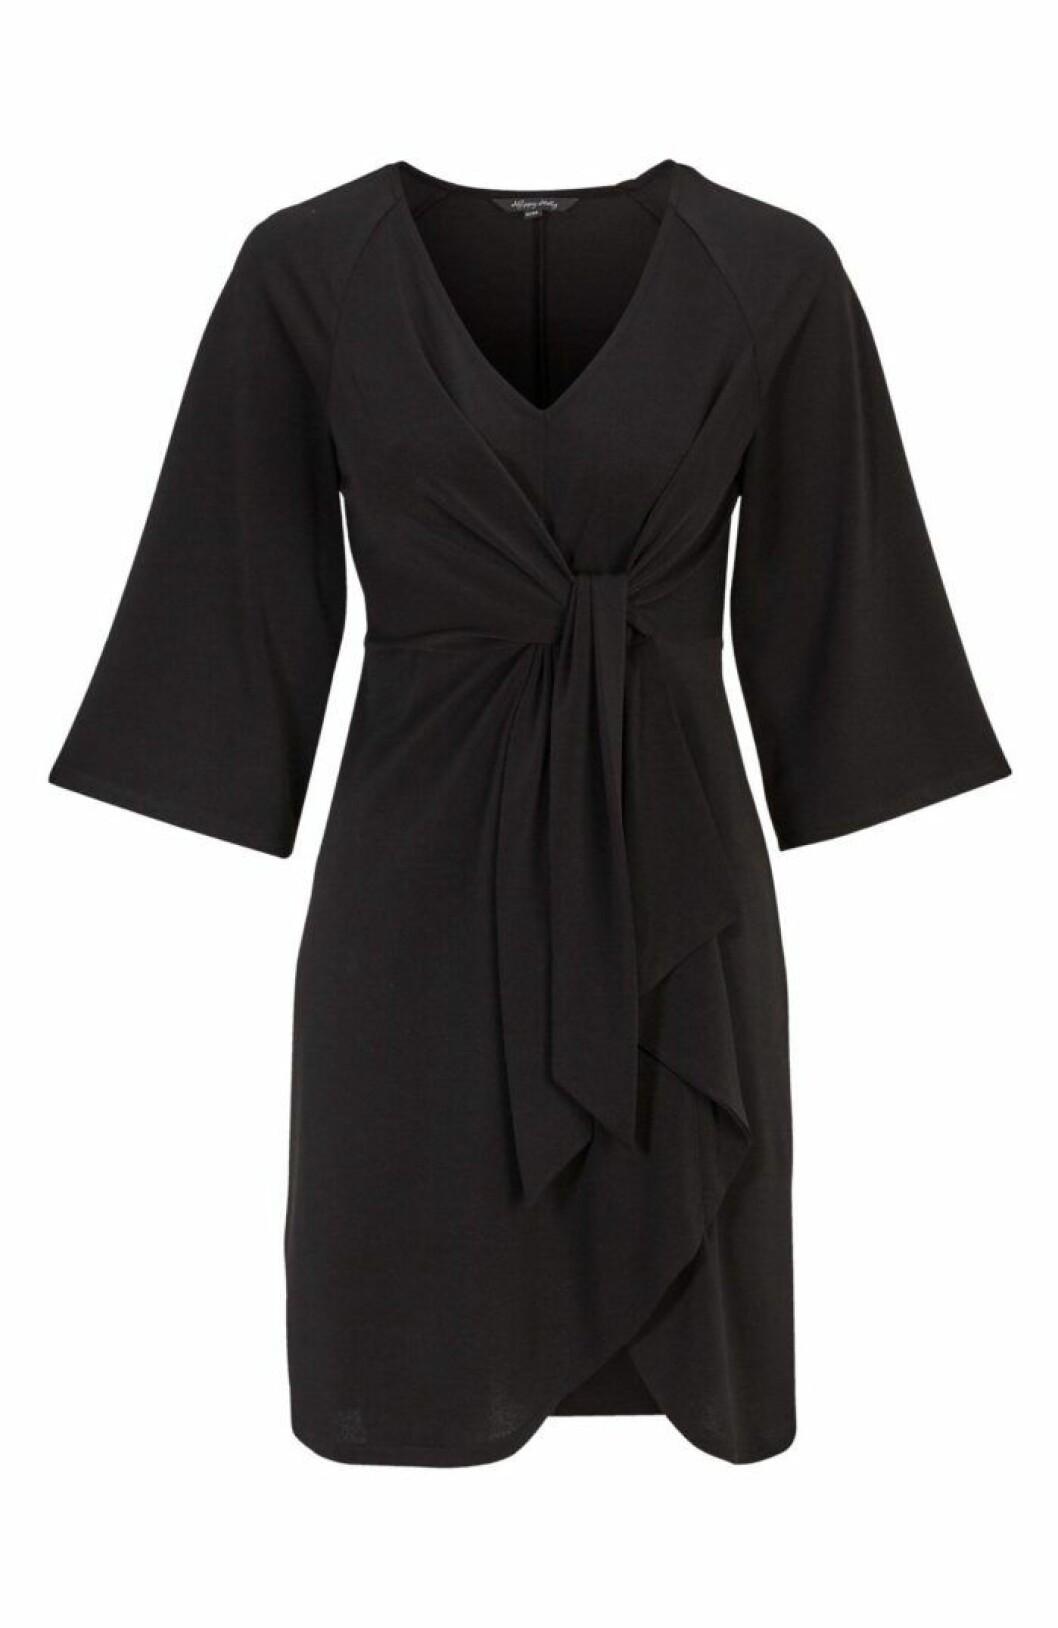 Svart klänning med knytband